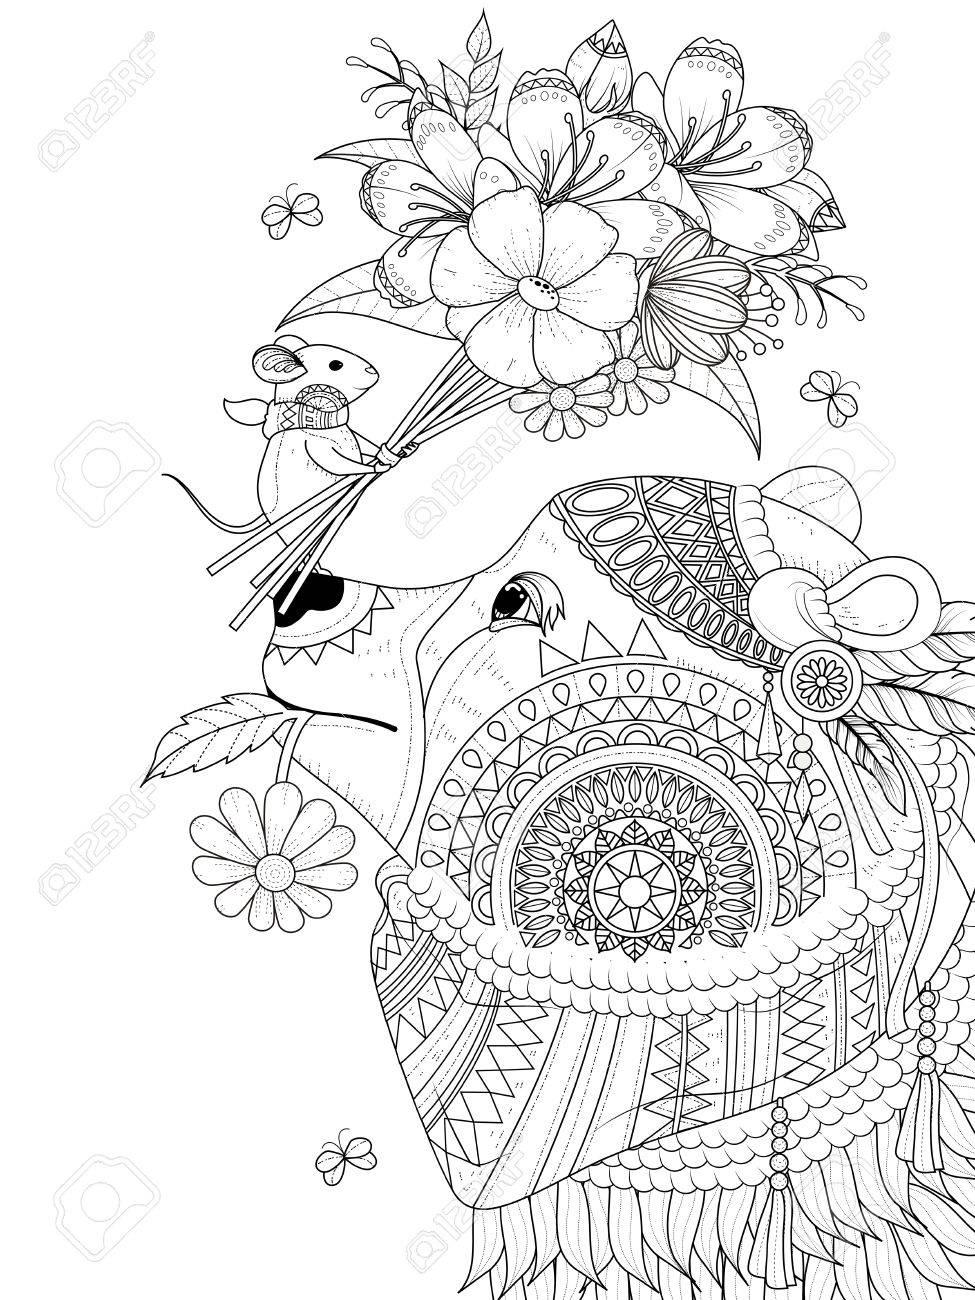 大人ぬりえページ 小さな友人とクマのイラスト素材ベクタ Image